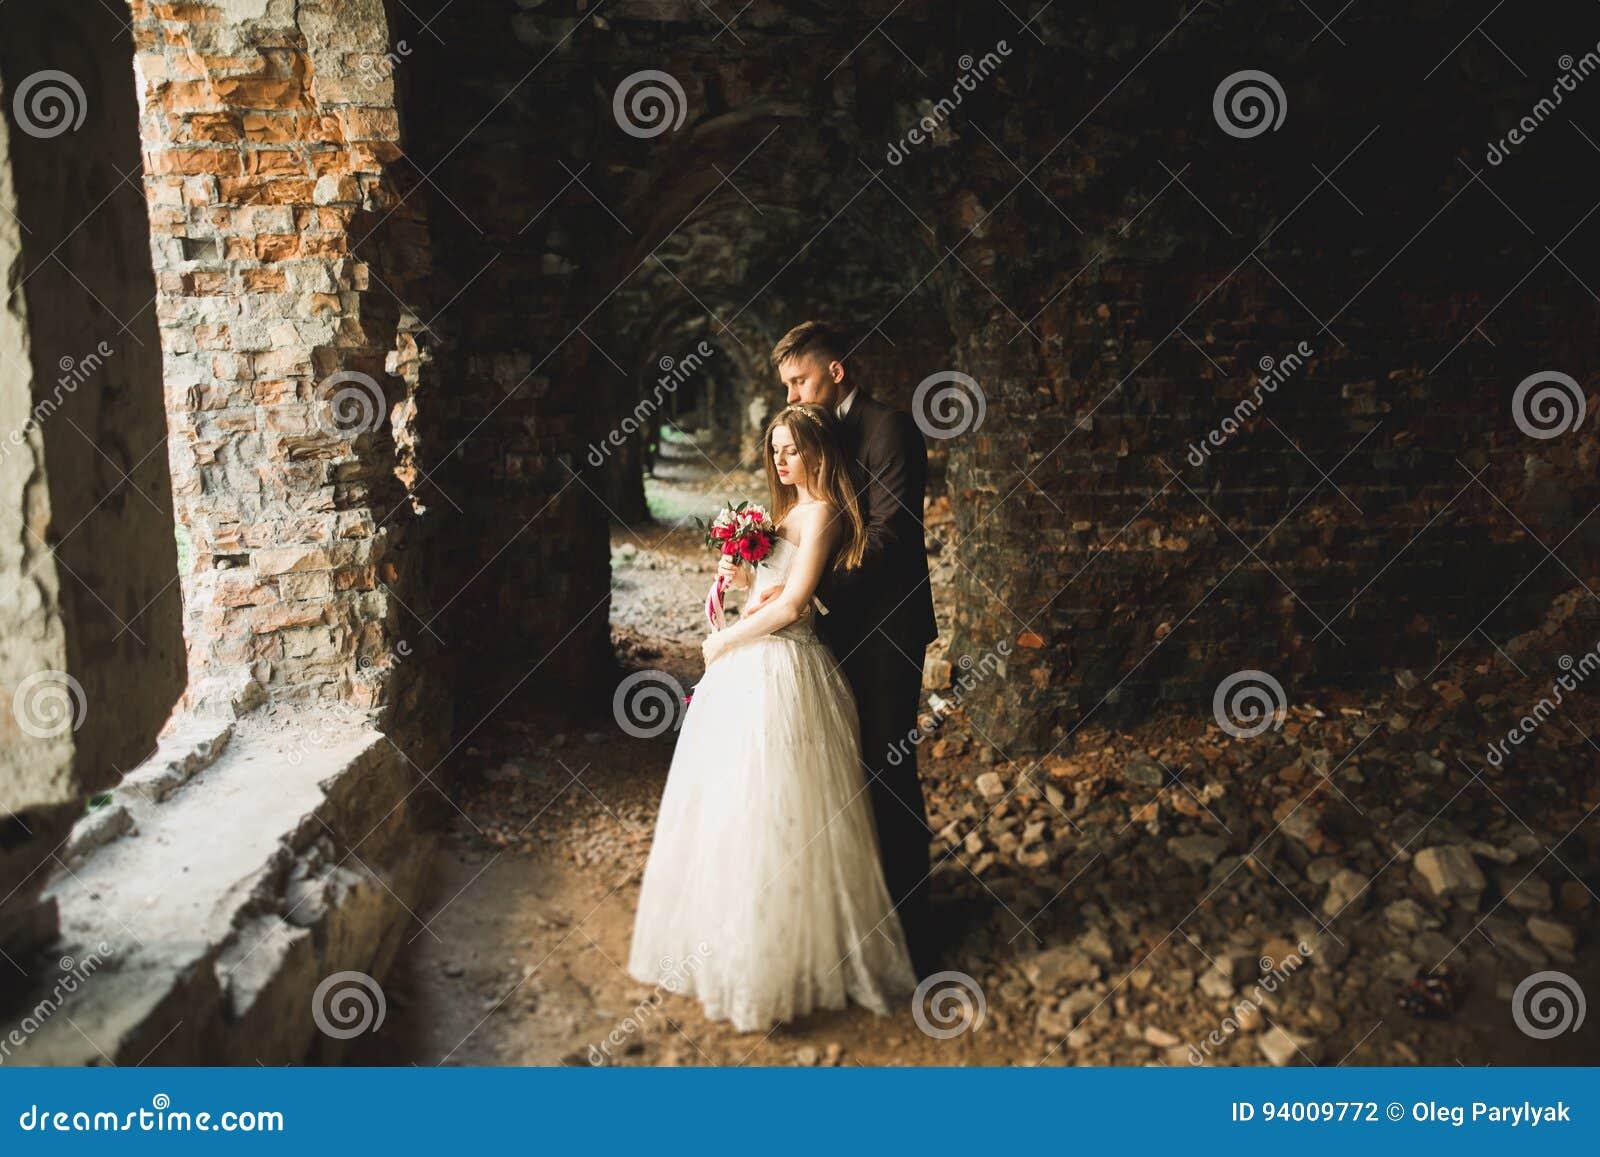 Fantastiska lyckliga försiktiga stilfulla härliga romantiska caucasian par på den forntida barocka slotten för bakgrund